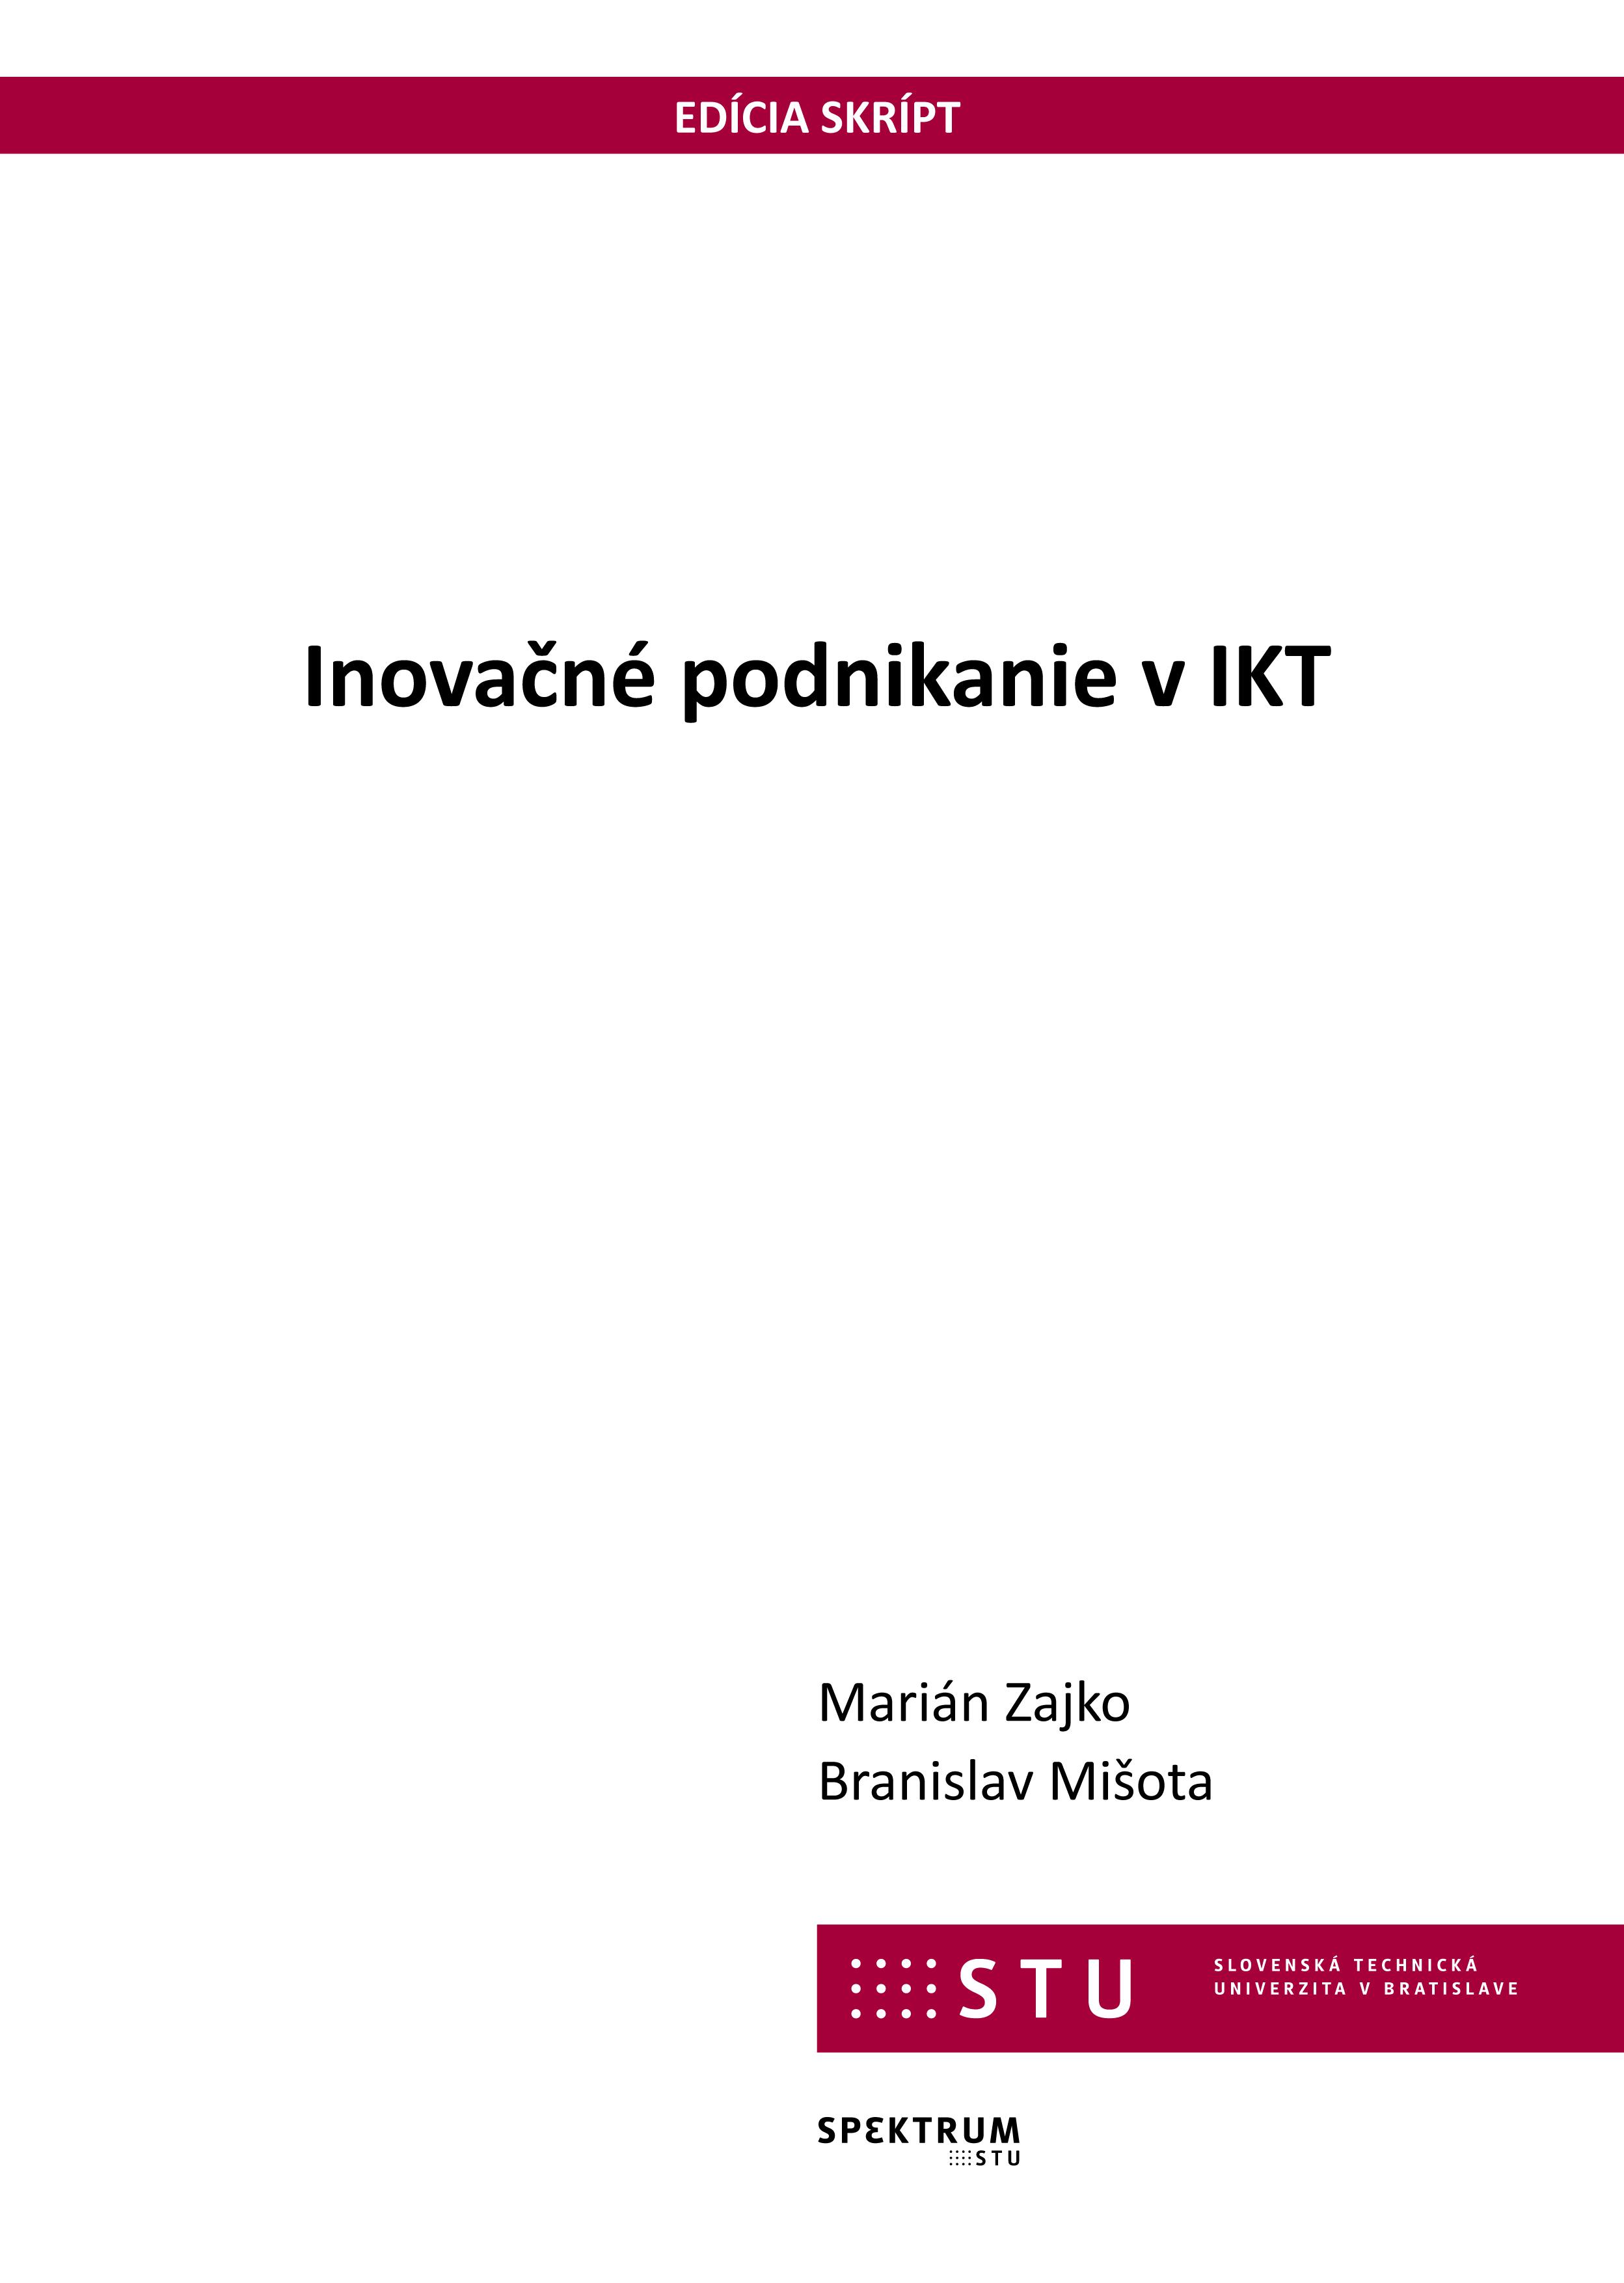 Inovačné podnikanie v IKT